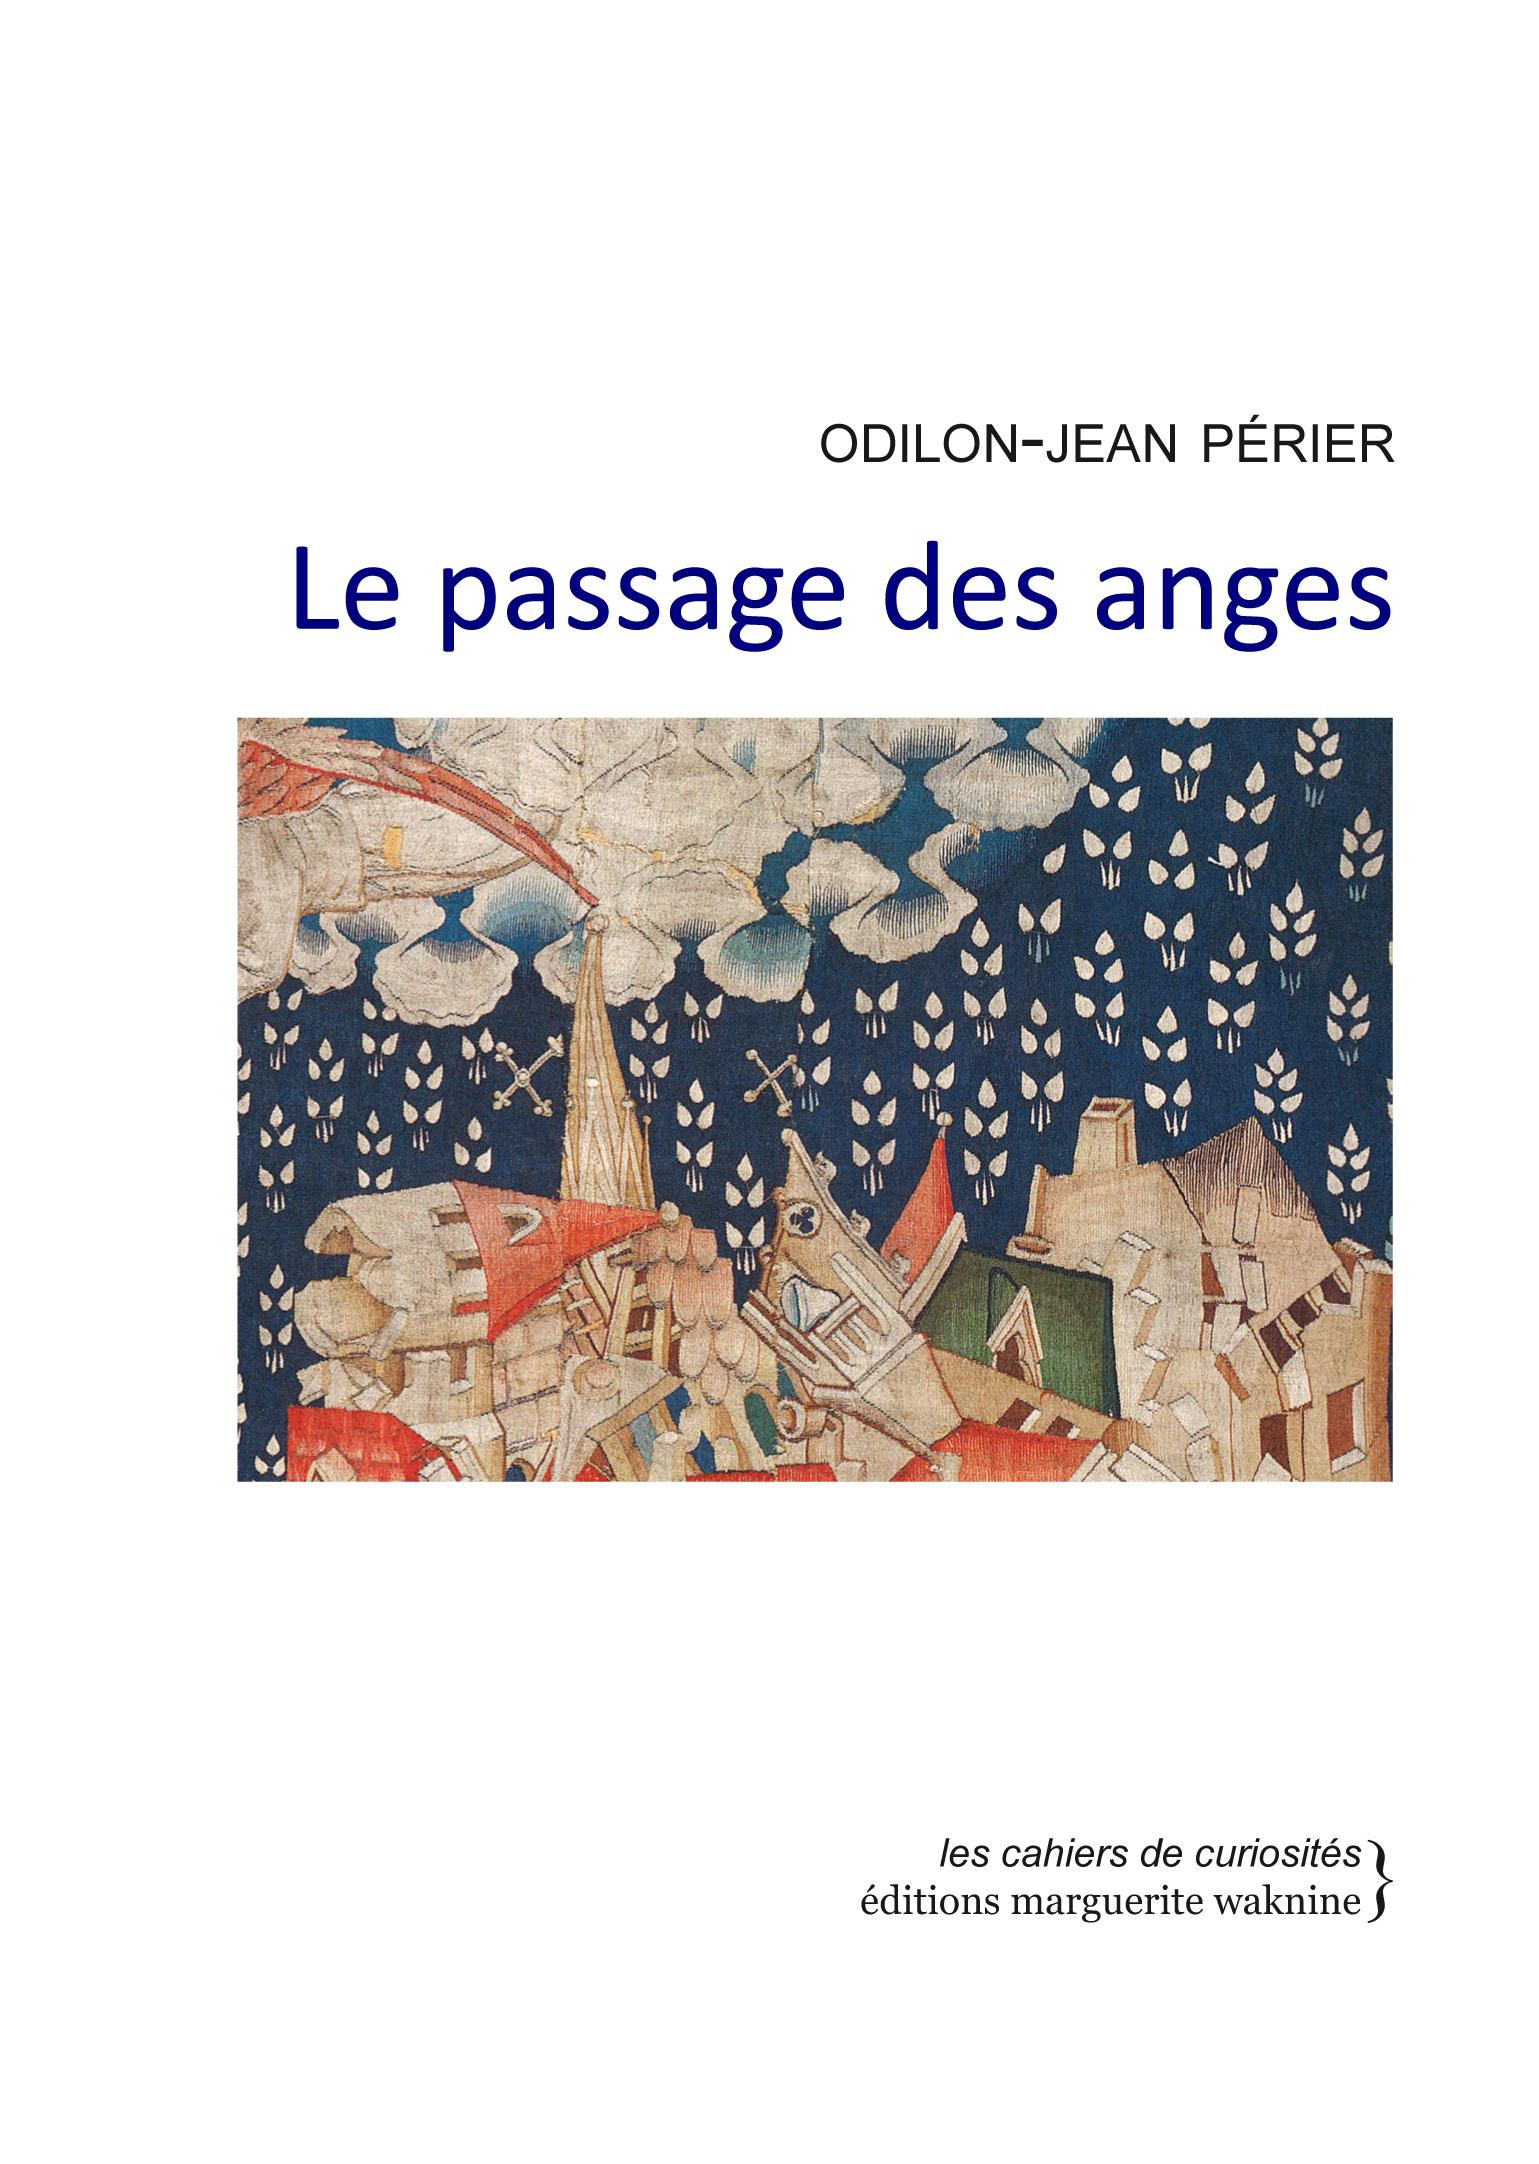 PASSAGE DES ANGES (LE)